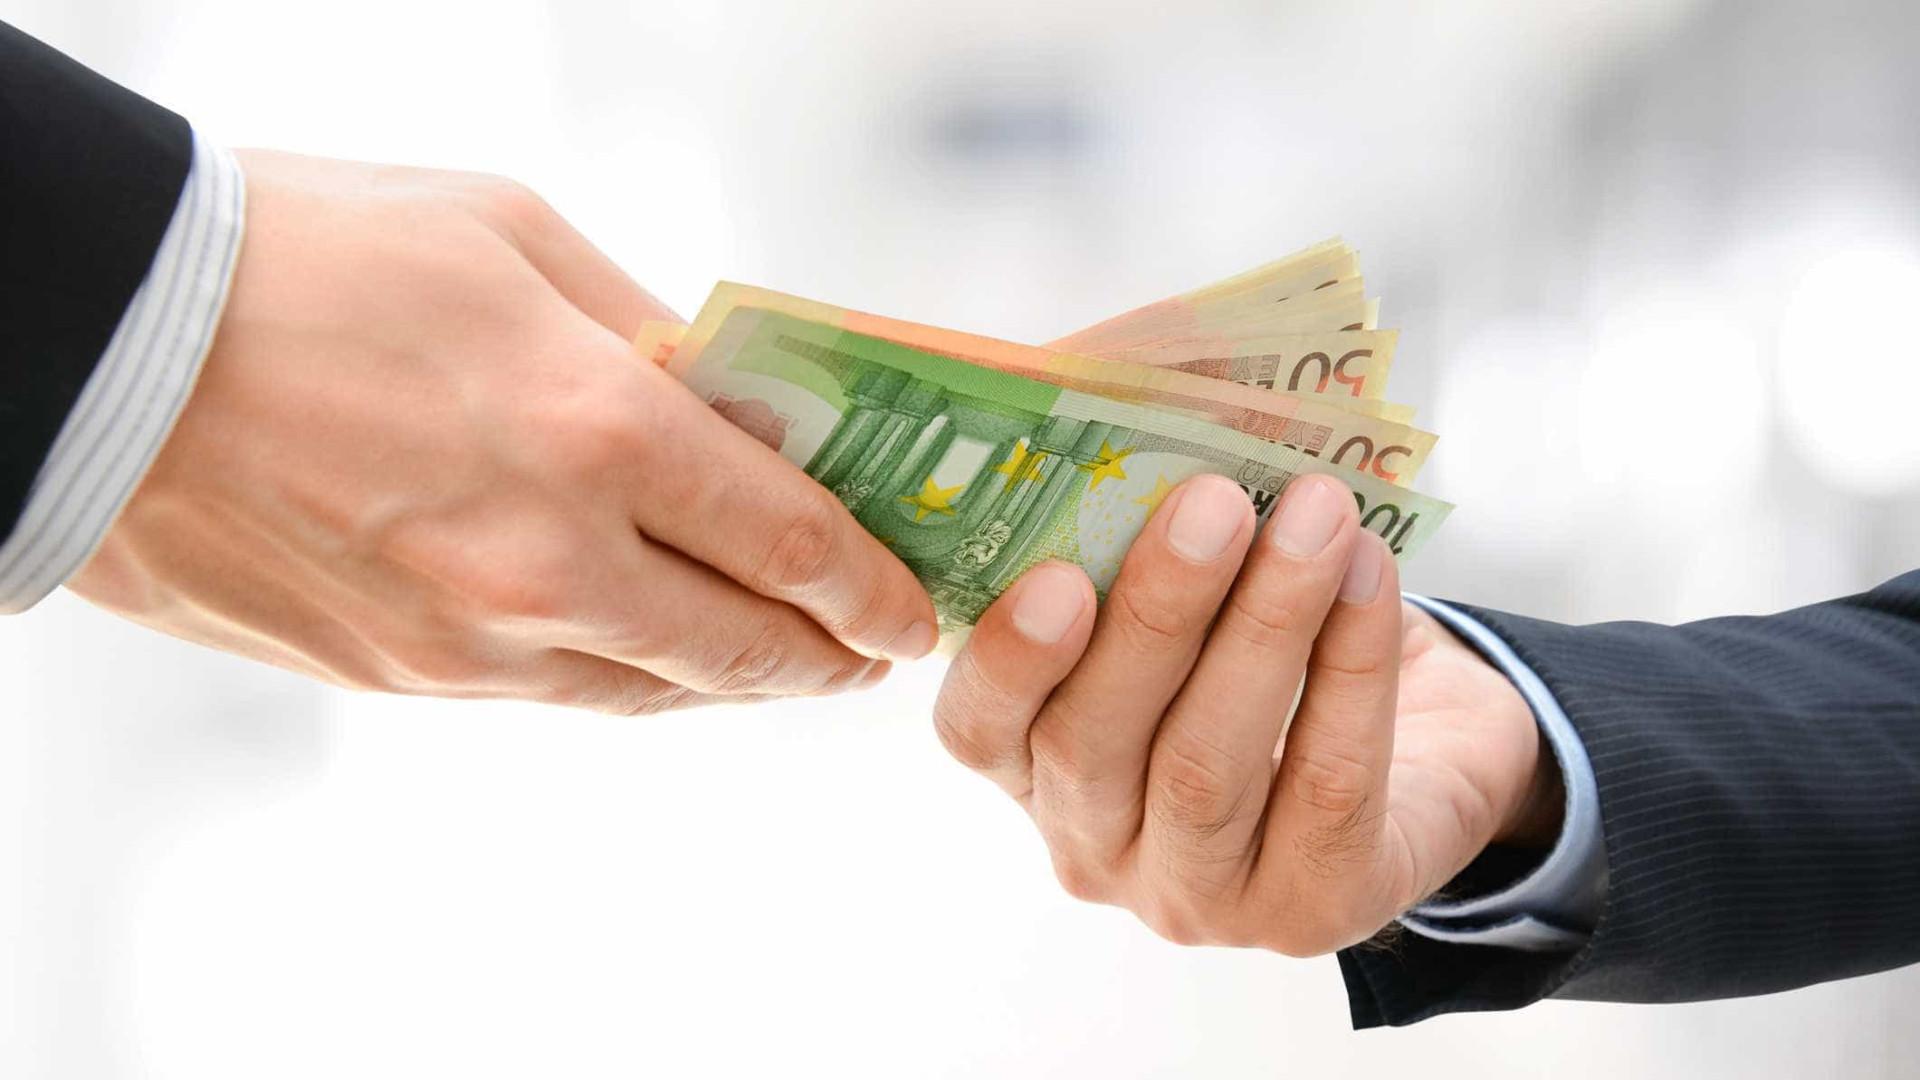 A partir de amanhã, pagamentos em dinheiro estão limitados a 3.000 euros